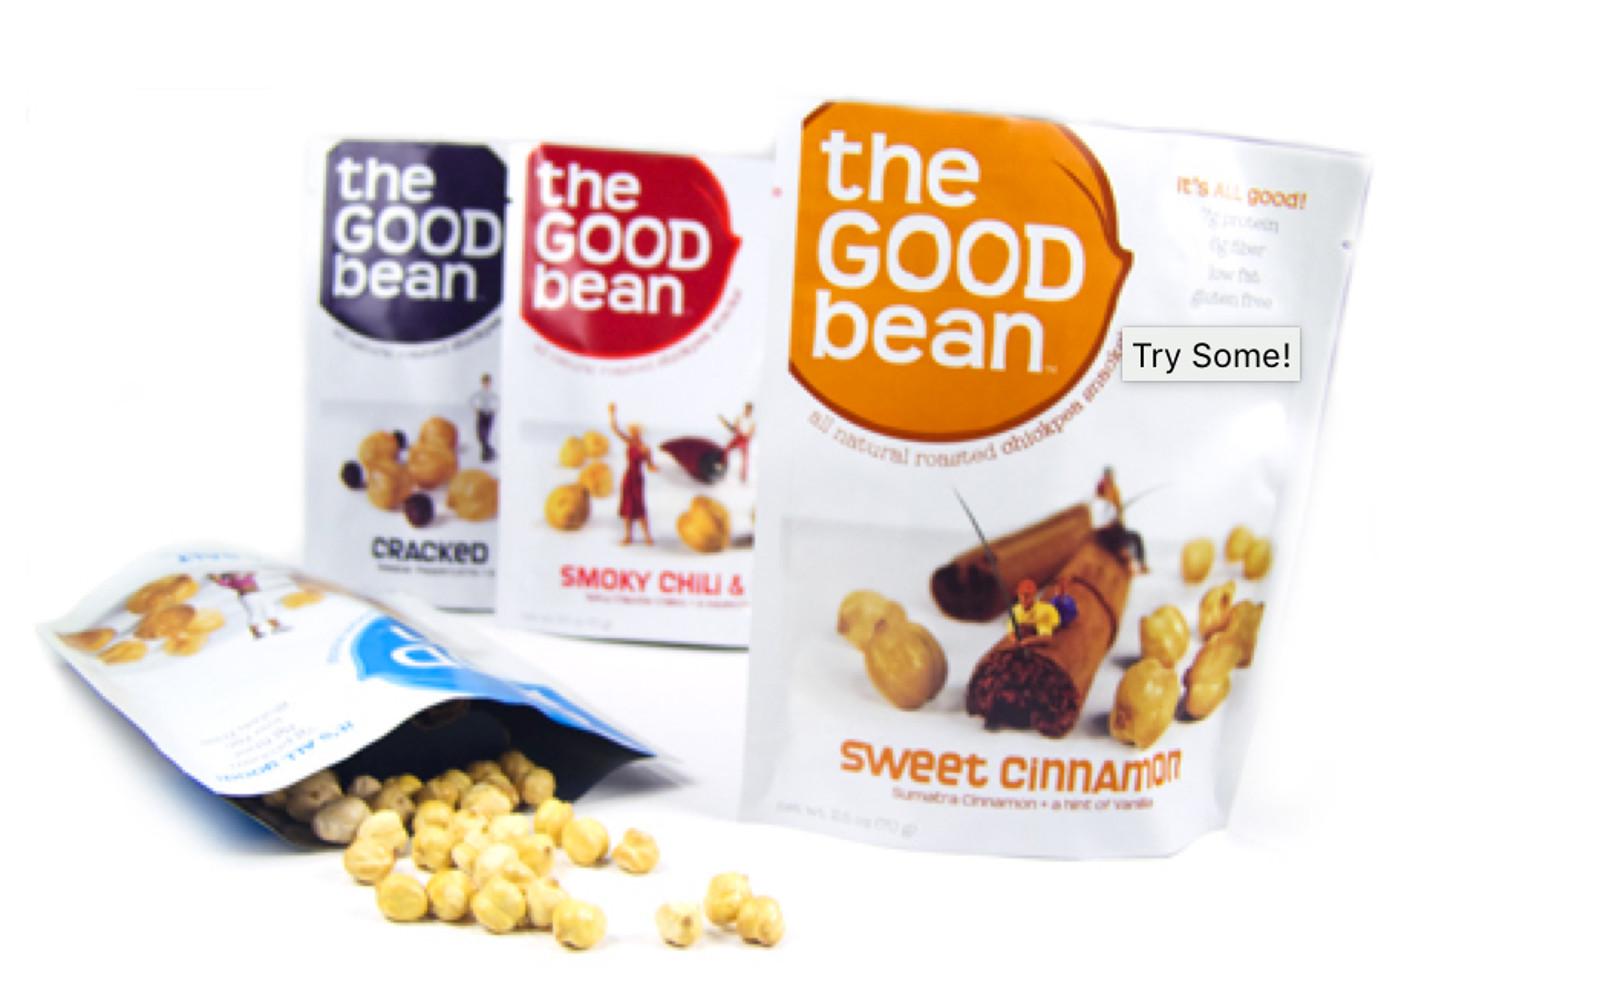 The Good Bean